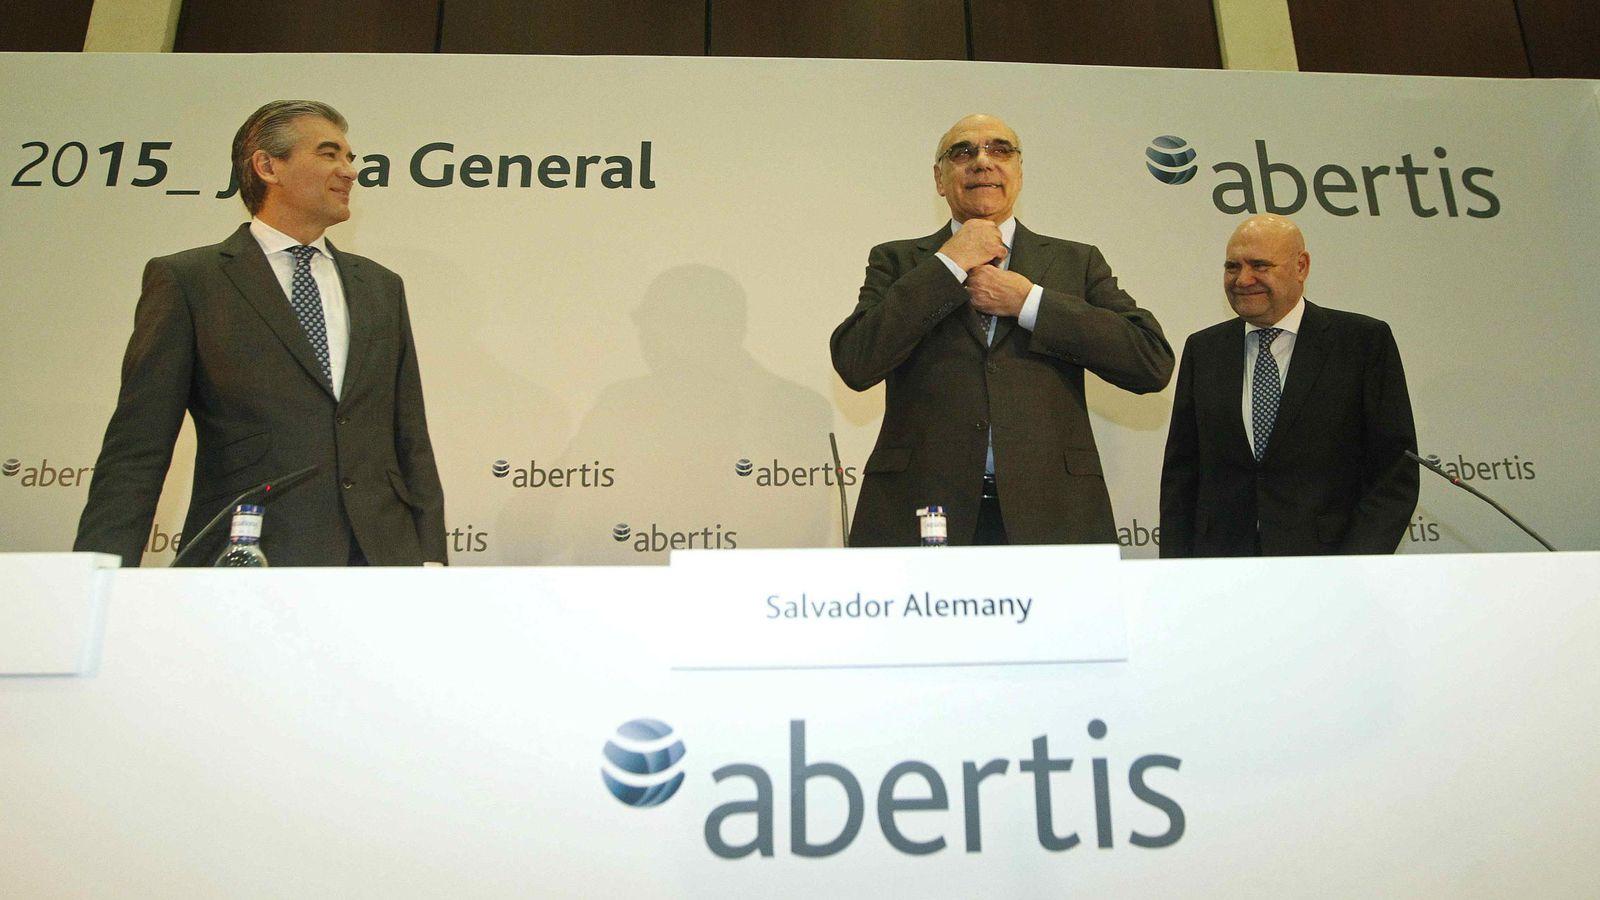 Foto: El presidente de Abertis, Salvador Alemany (c), acompañado del vicepresidente y consejero delegado, Francisco Reynés (i), y el director de Comunicación, Juan M. Fernández Puértolas (d), durante una rueda de prensa (EFE)